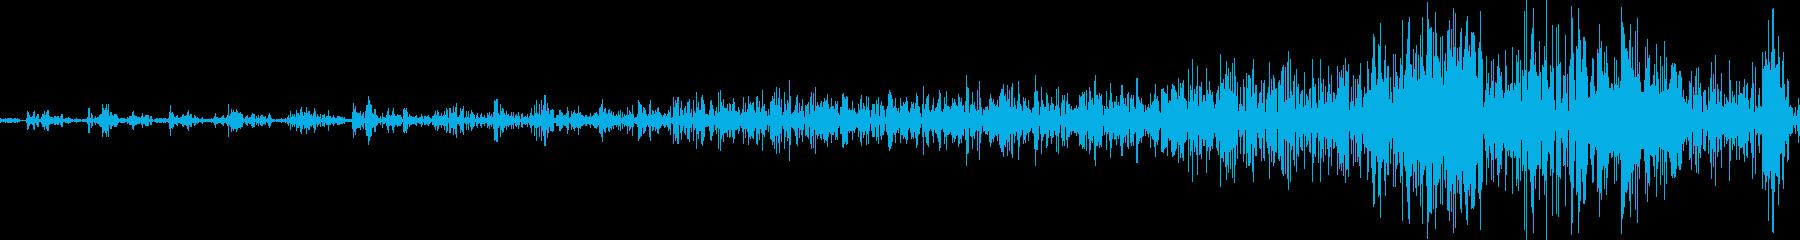 ジッパーを開ける音(ジーッ)の再生済みの波形